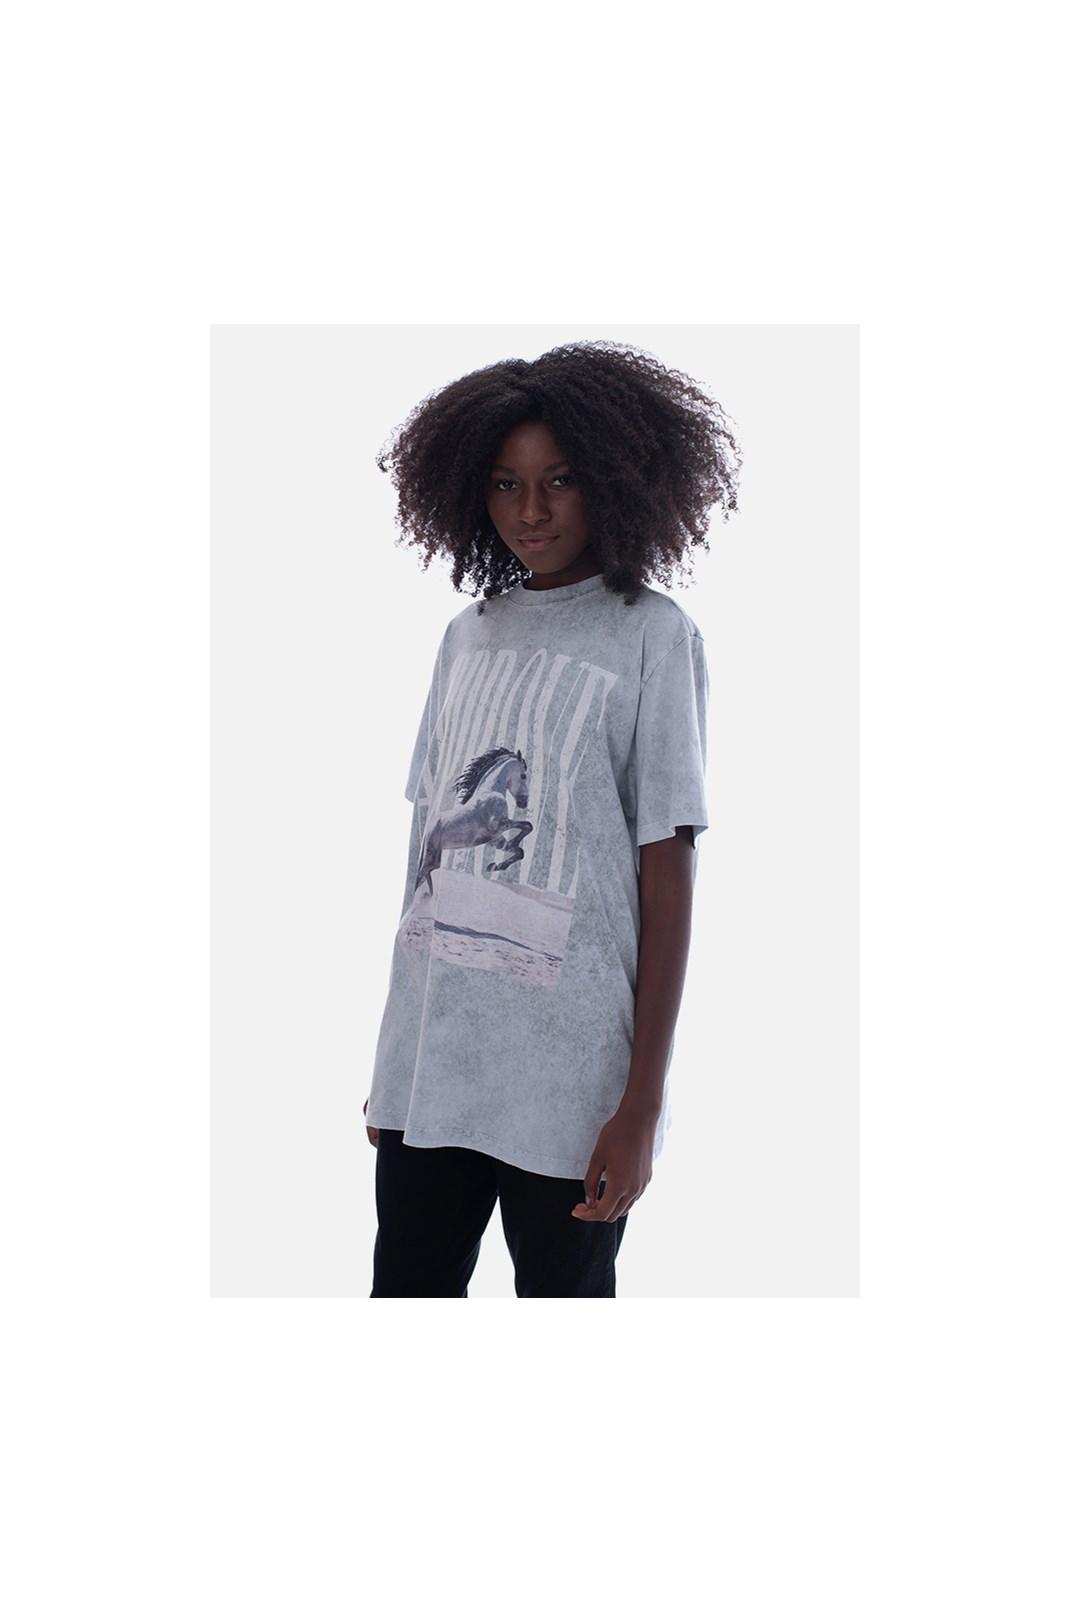 Camiseta Bold Approve Animals White Horse Cinza Marmorizado